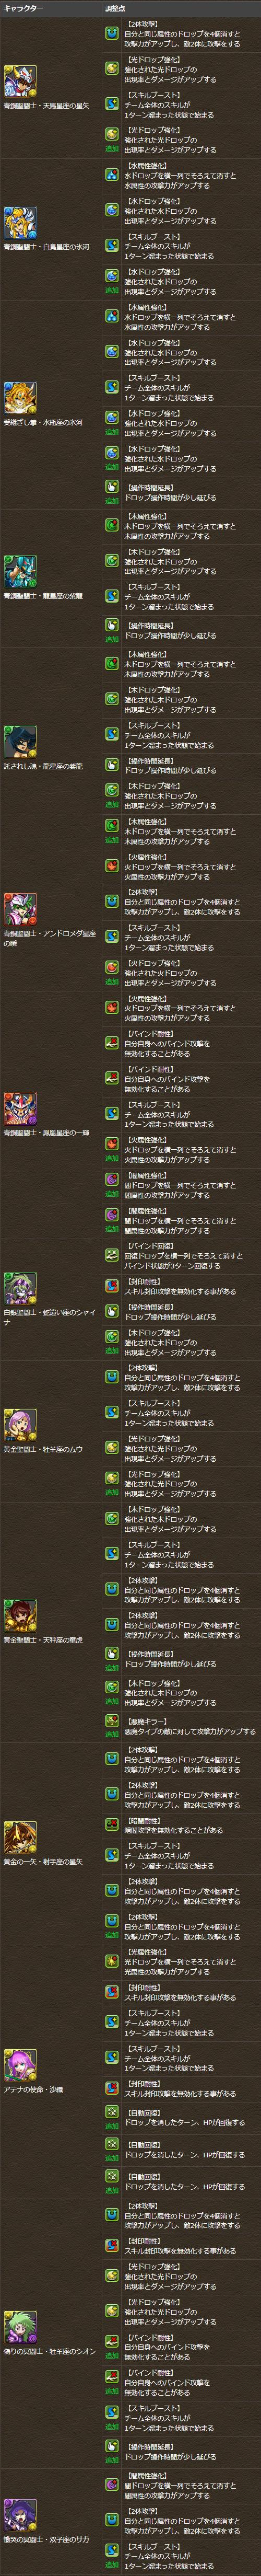 3_20161027131101121.jpg